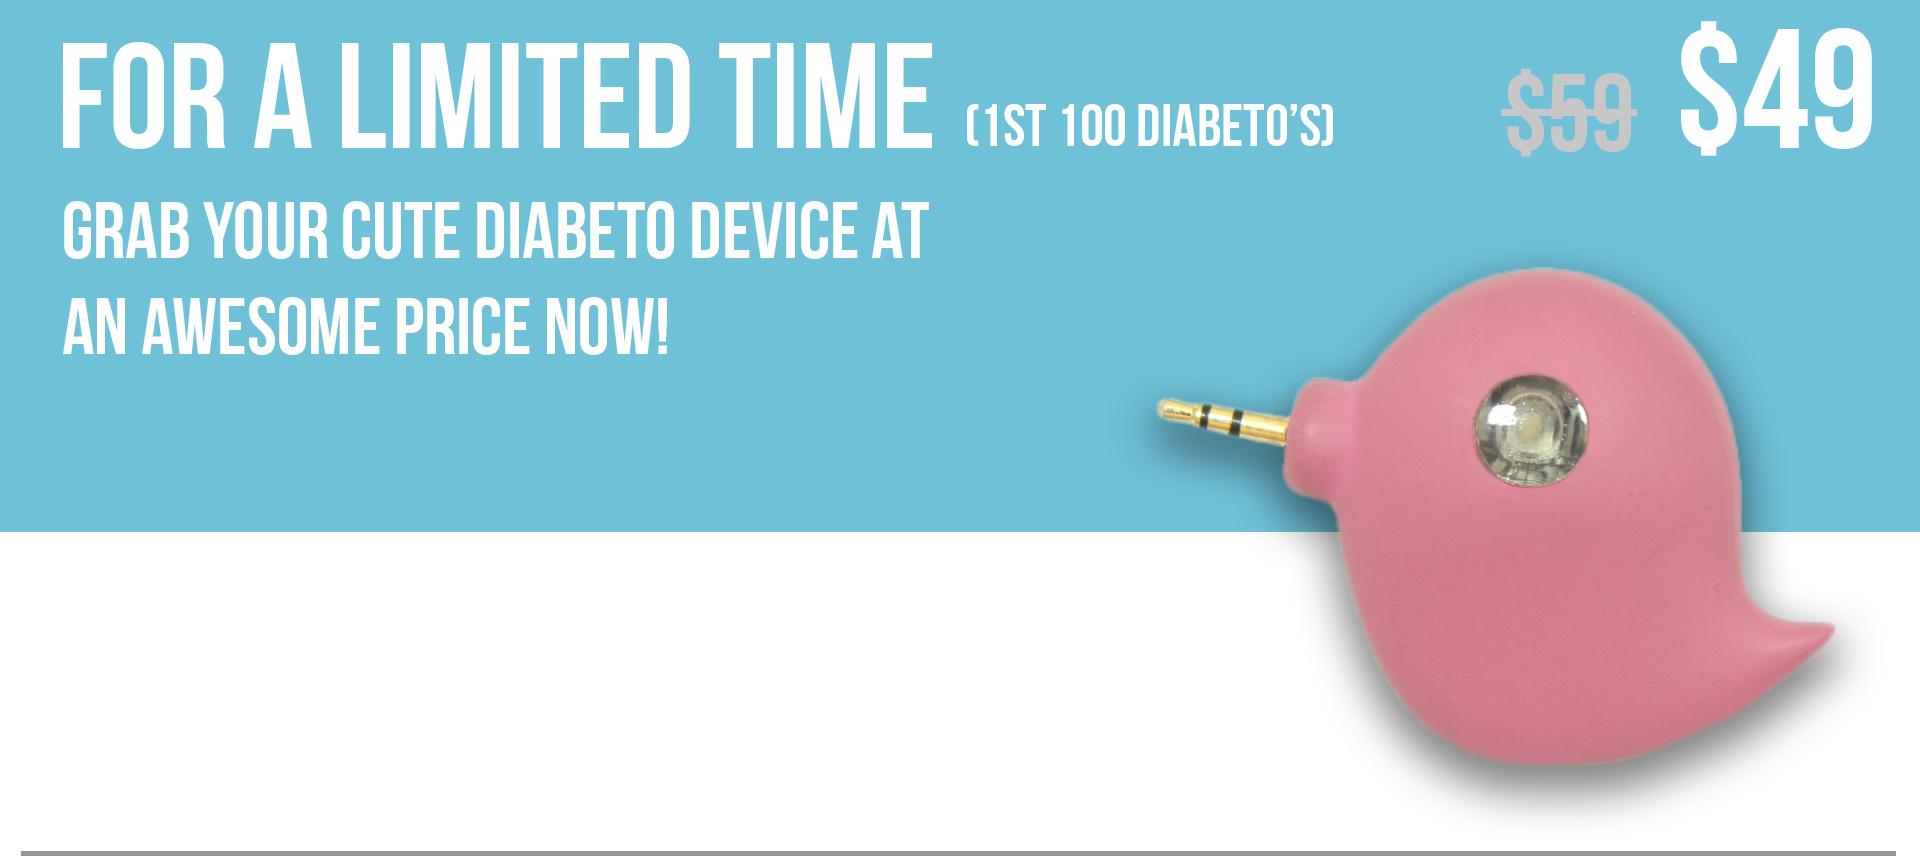 Diabeto - Your friend in Diabetes! | Indiegogo